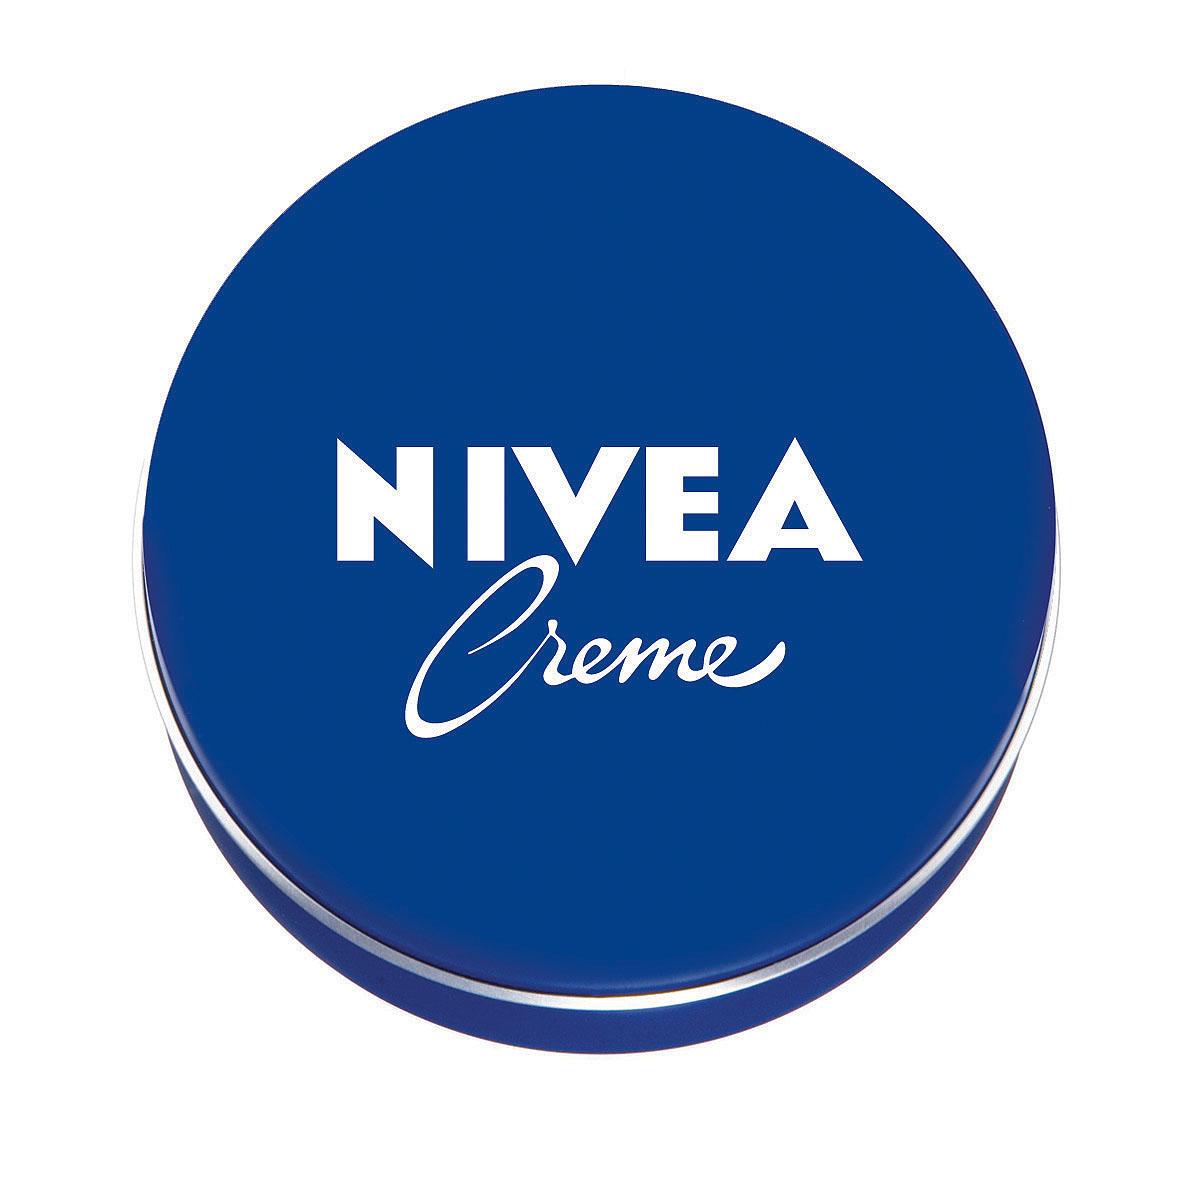 NIVEA Крем для ухода за кожей250 мл1013Крем для тела Nivea питает и бережно ухаживает за кожей тела, особенно за сухими участками, благодаря уникальной формуле с эвцеритом. Не содержит консервантов, поэтому подходит даже для нежной детской кожи.Дерматологически протестирован.Товар сертифицирован.